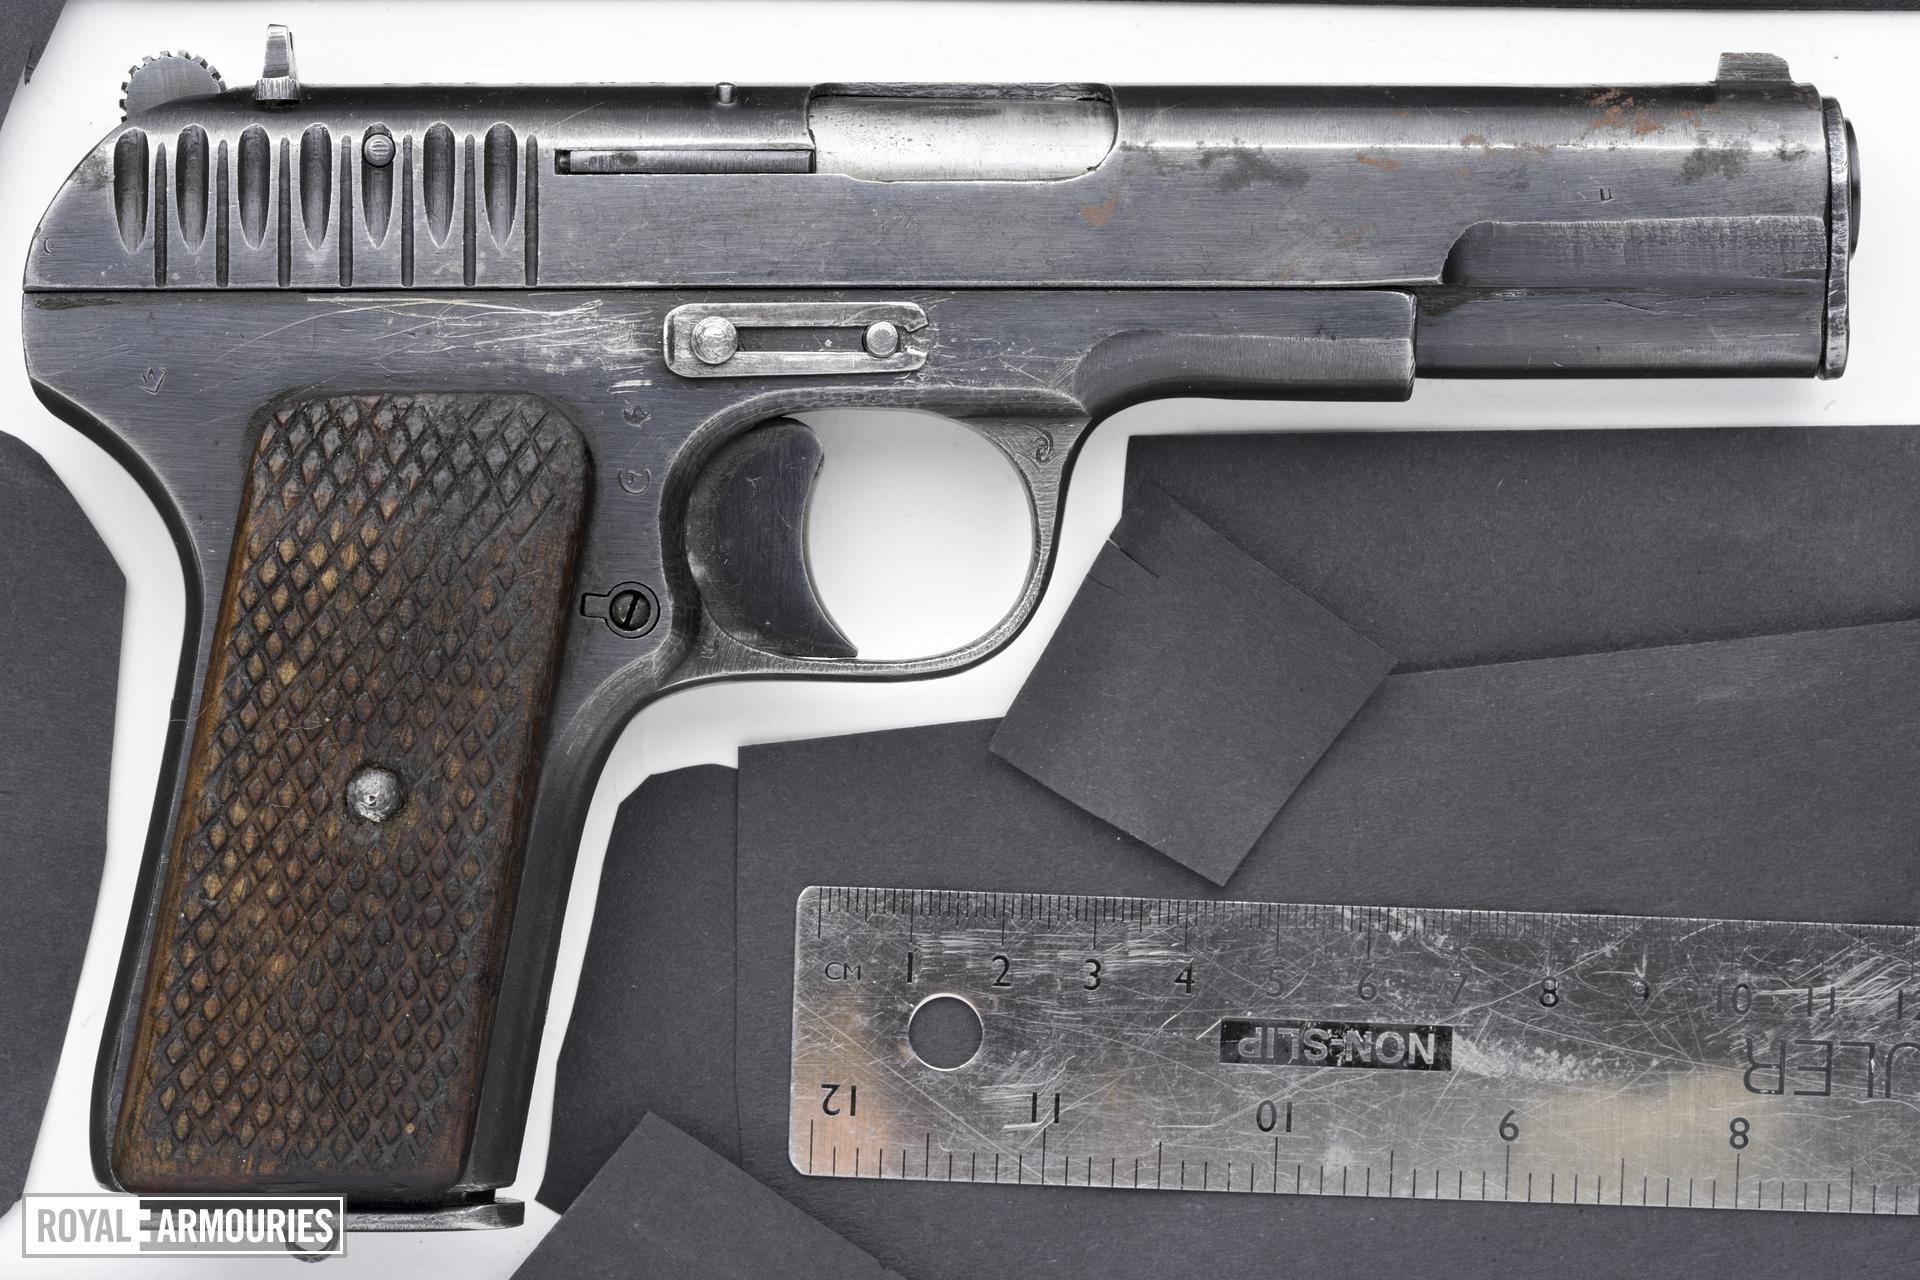 Centrefire self-loading pistol - Tokarev TT33